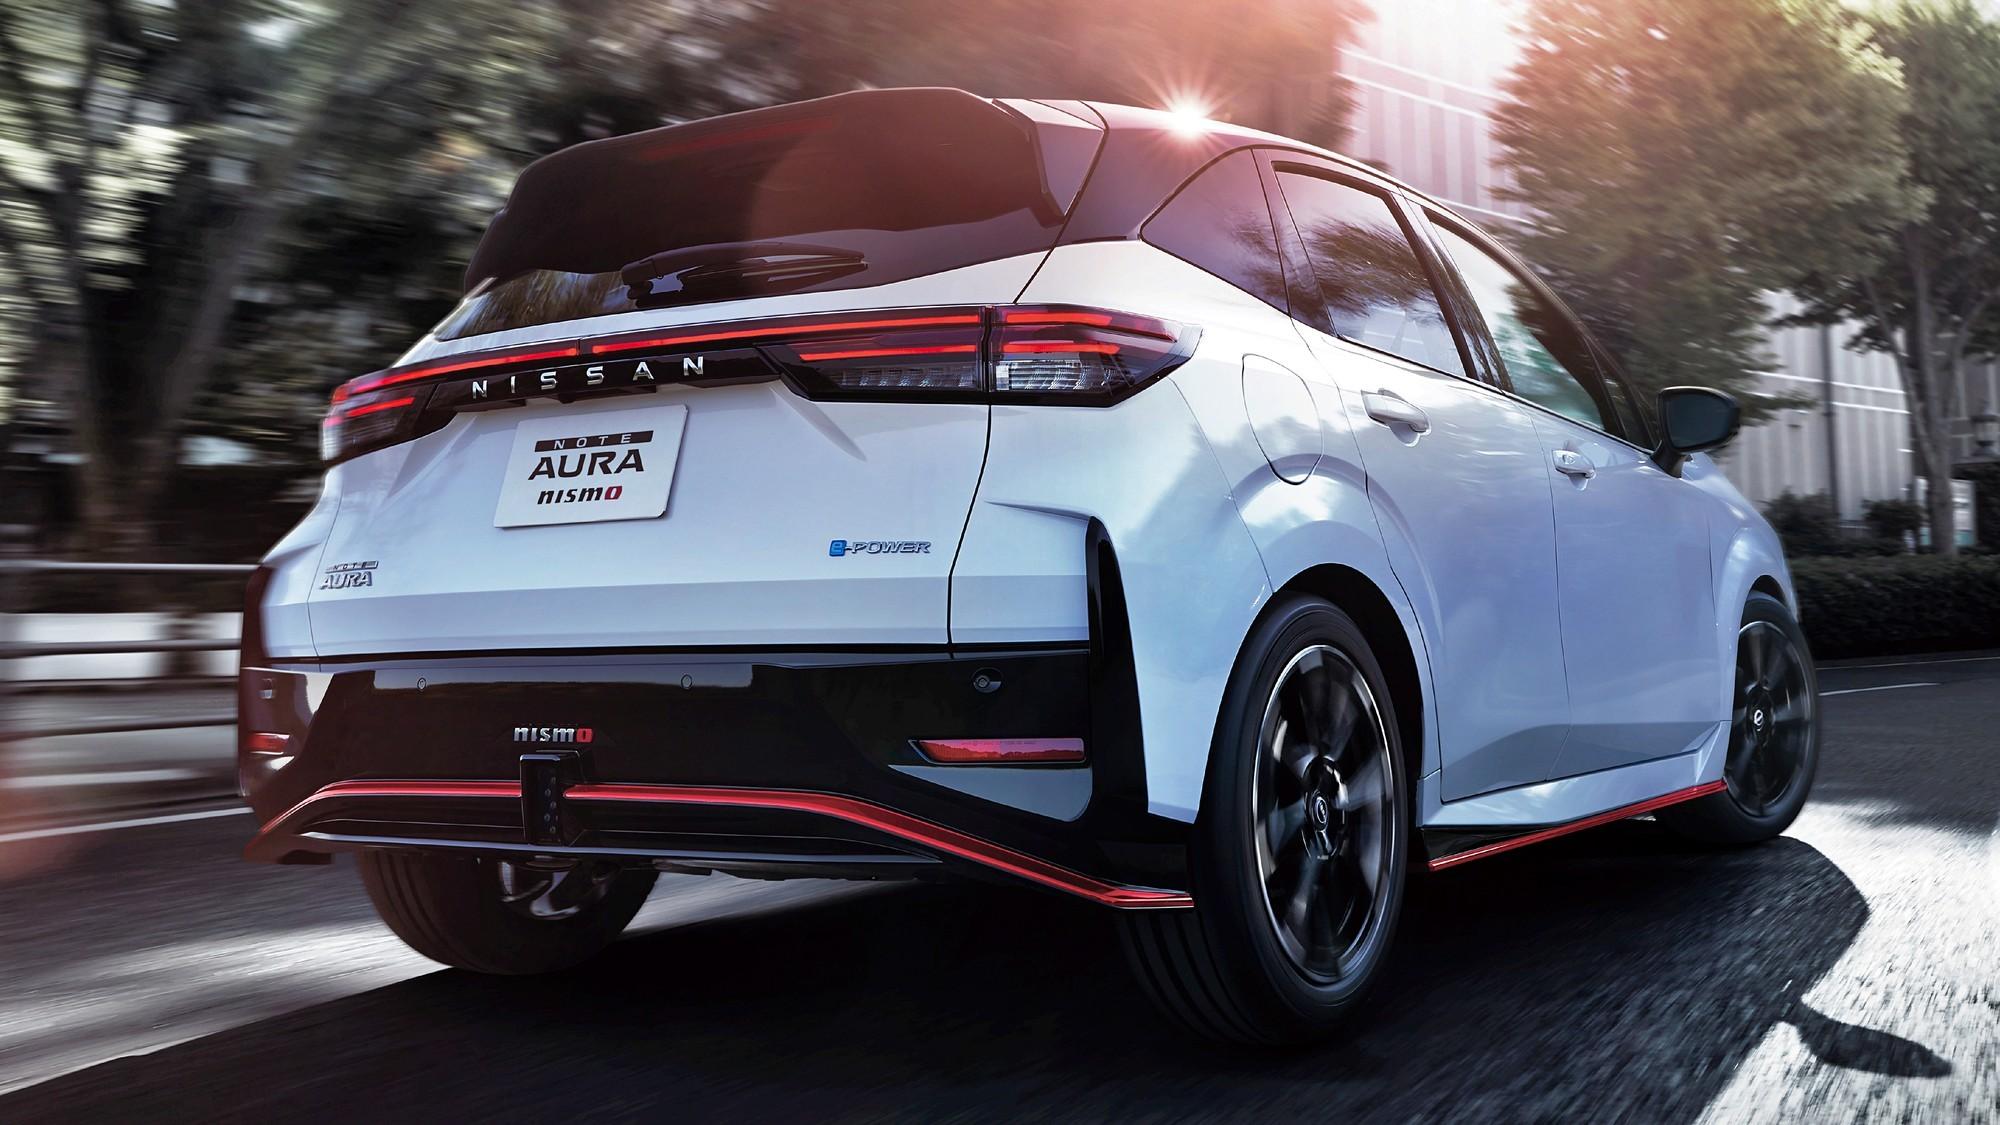 Nissan Note Aura Nismo: спорт и премиум в одном флаконе, но без прибавки мощности